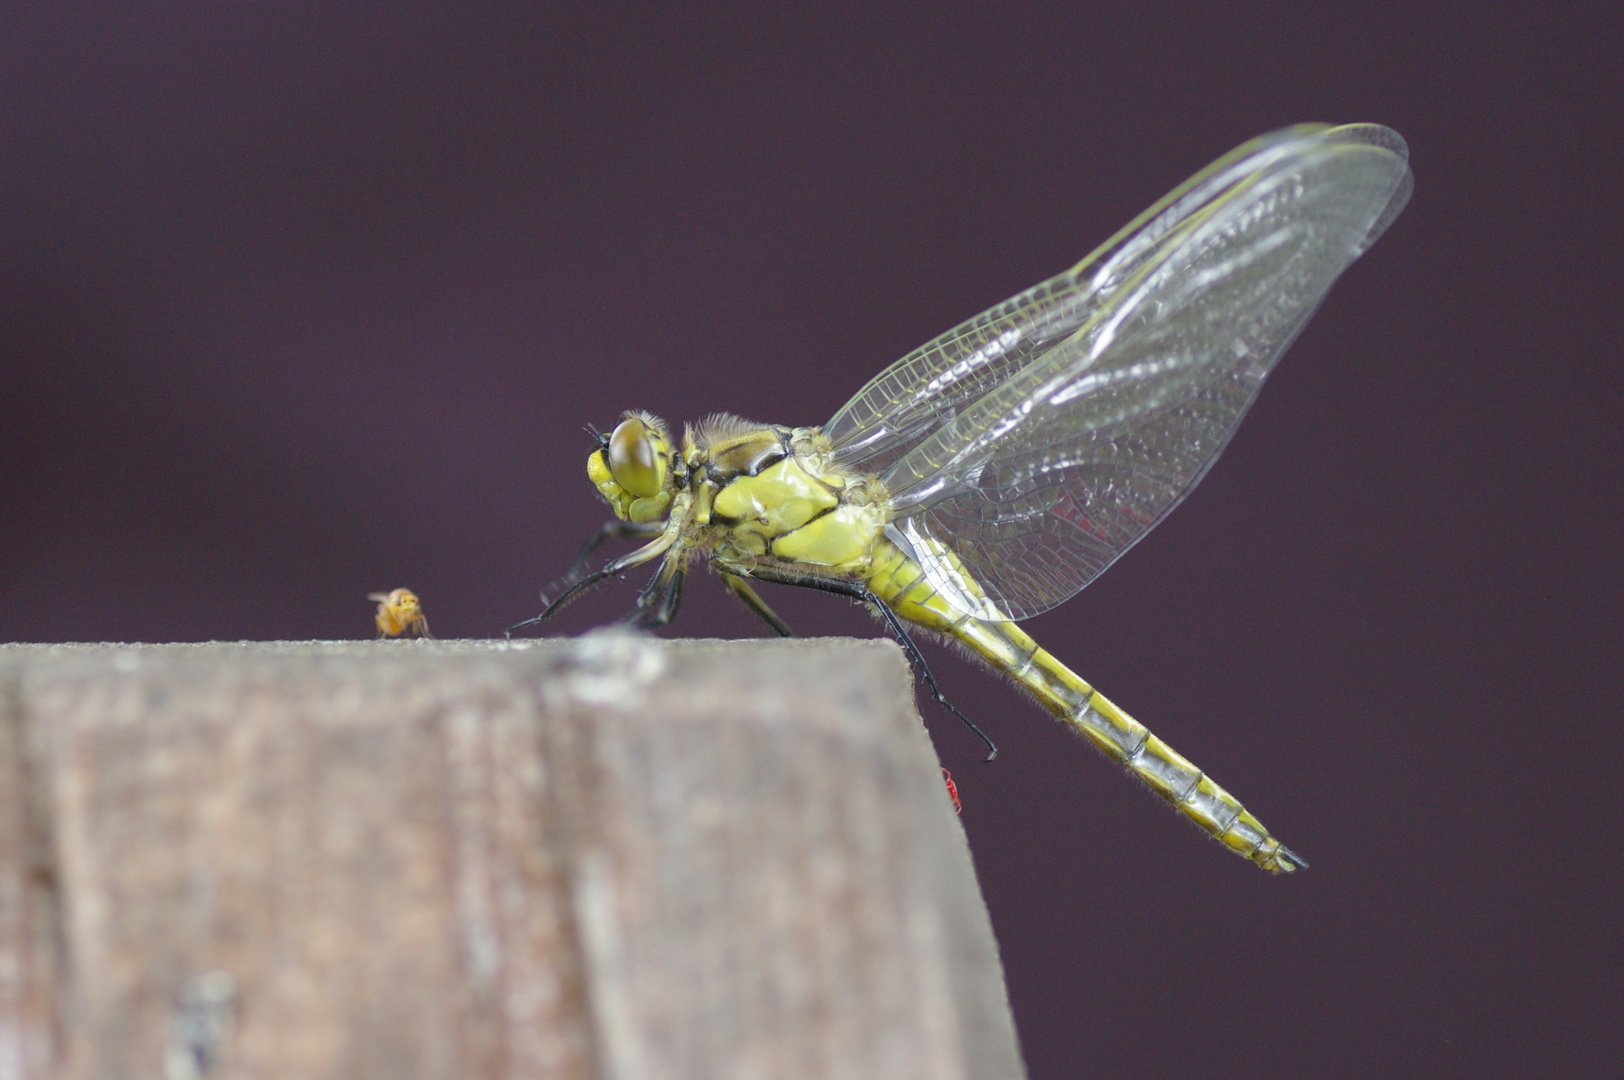 Eine frisch geschlüpfte Libelle kurz vor dem Abflug